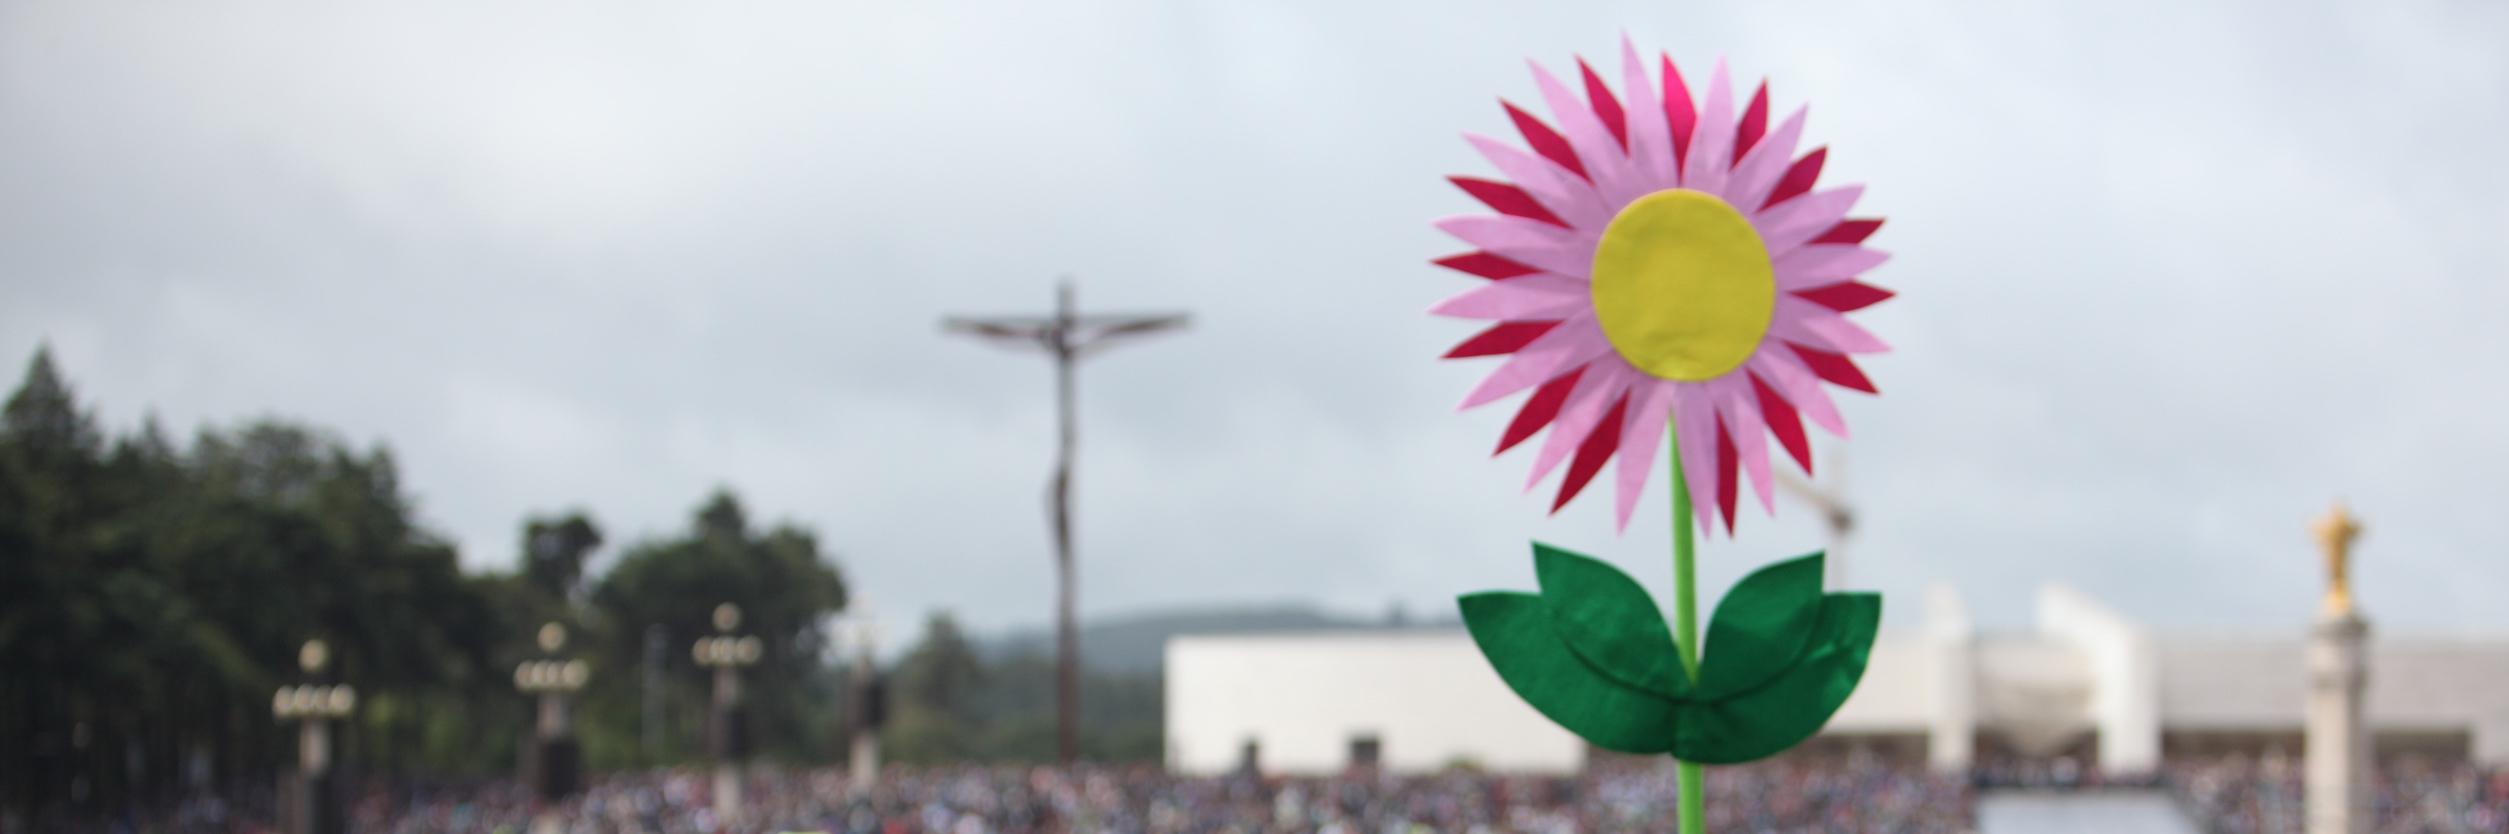 Flor no recinto.jpg